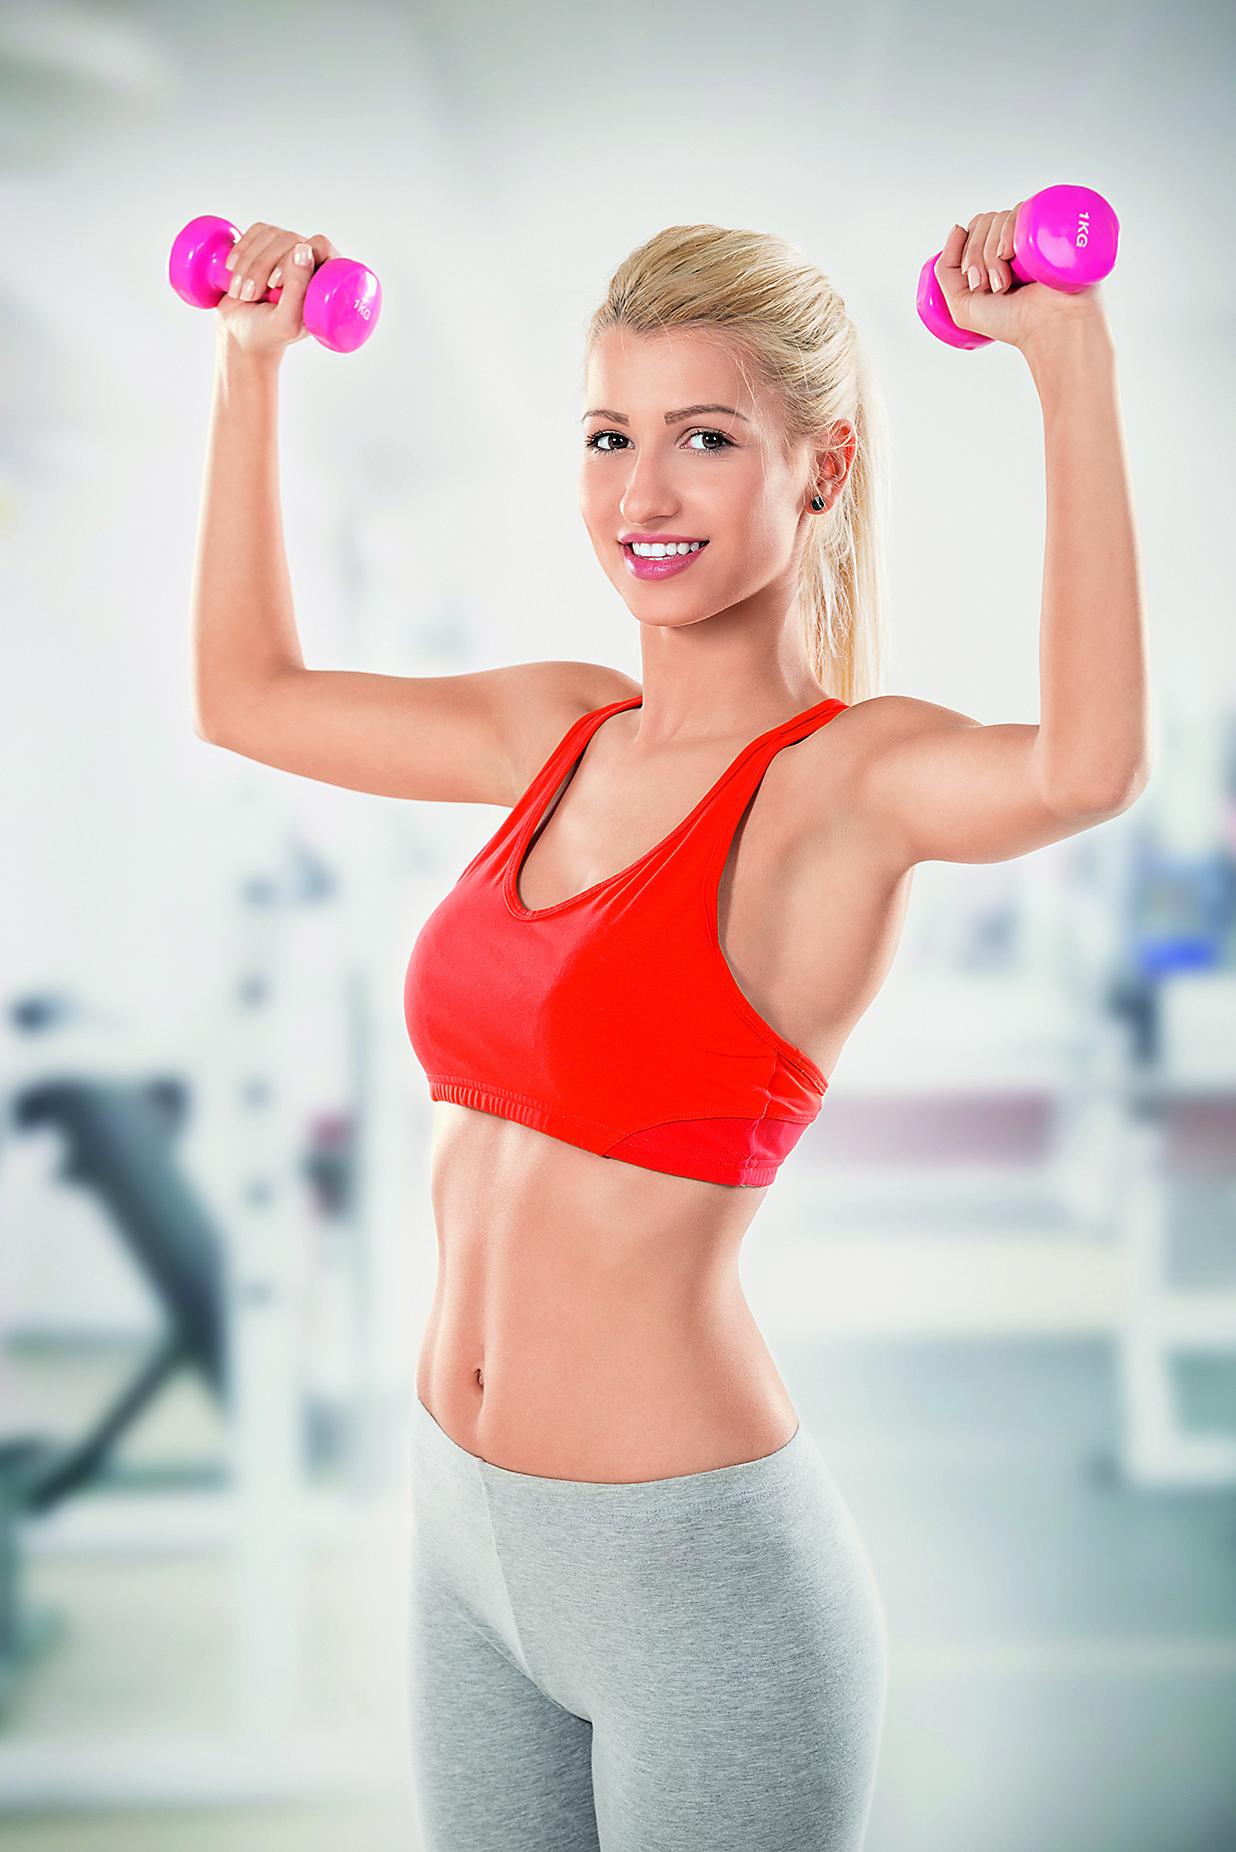 Укрепляем мышцы: упражнение «Планка» и система «Табата»